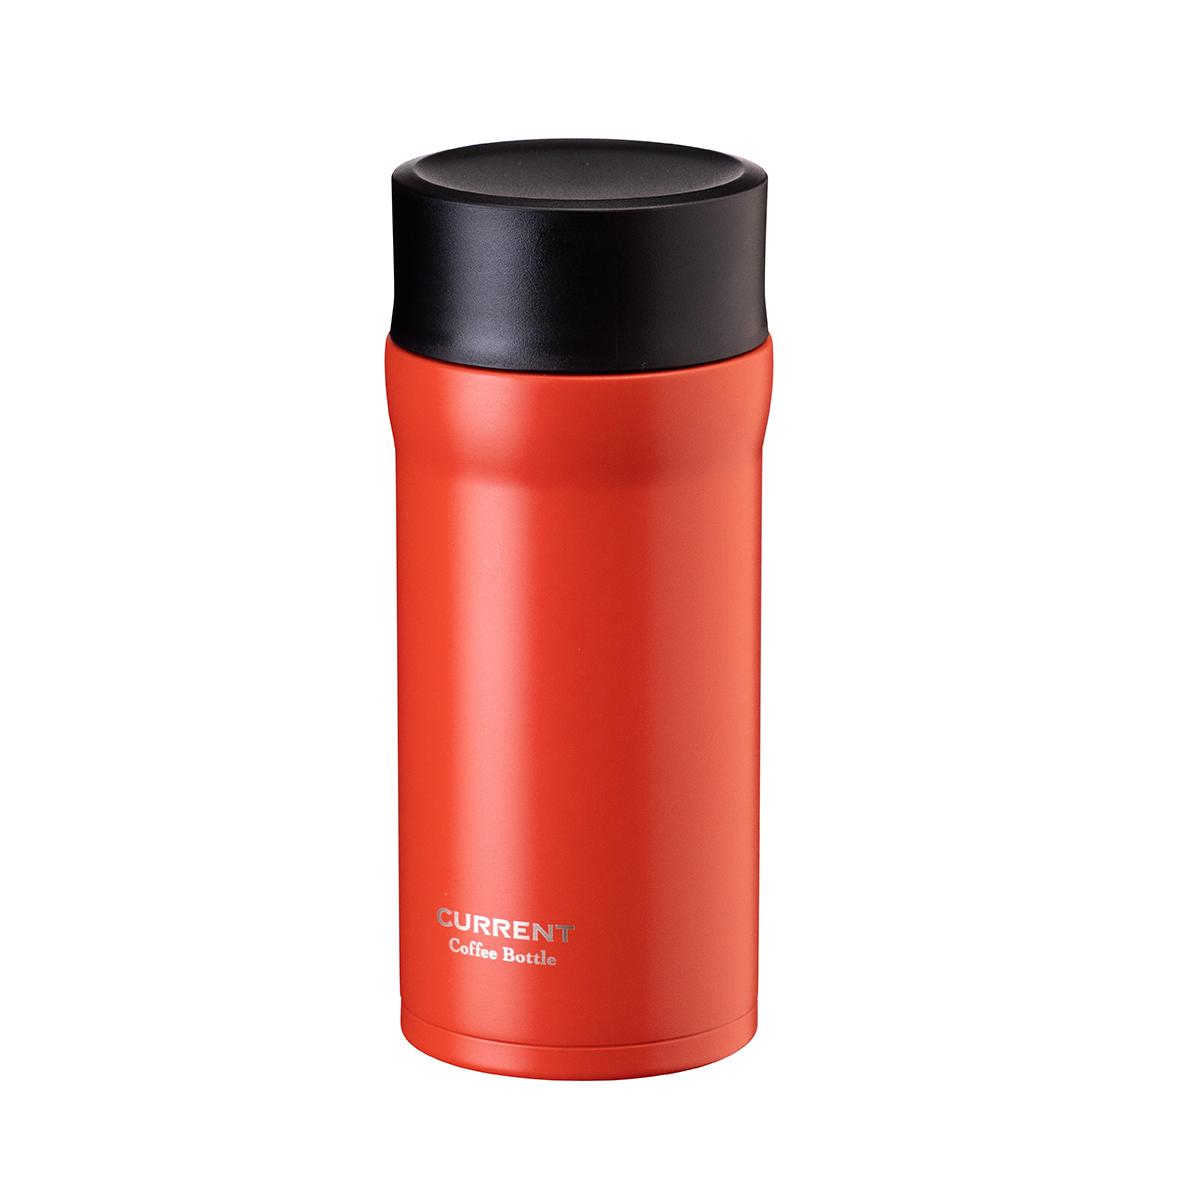 CURRENT コーヒーマグボトル 350ml オレンジ